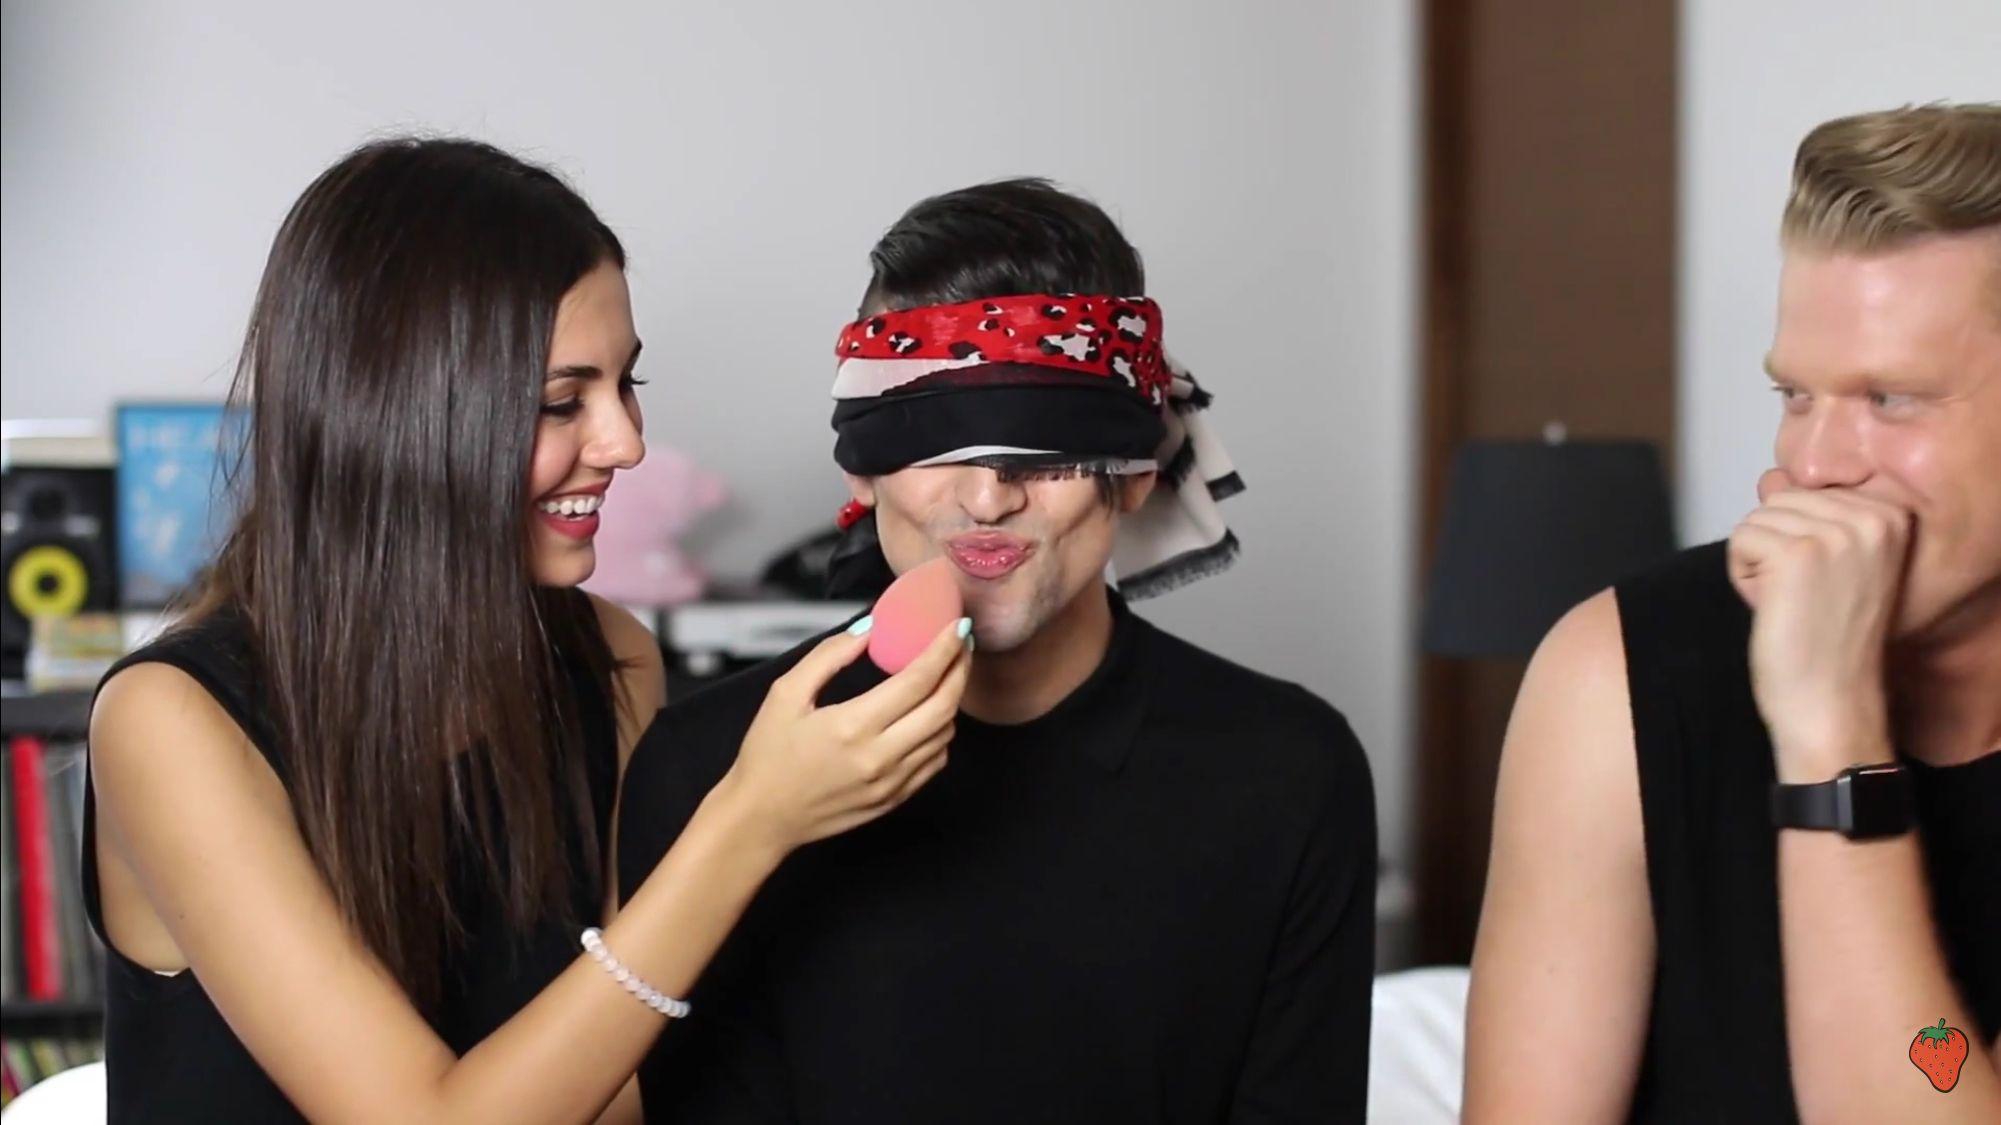 Superfruit: What am I Kissing (beauty blender)